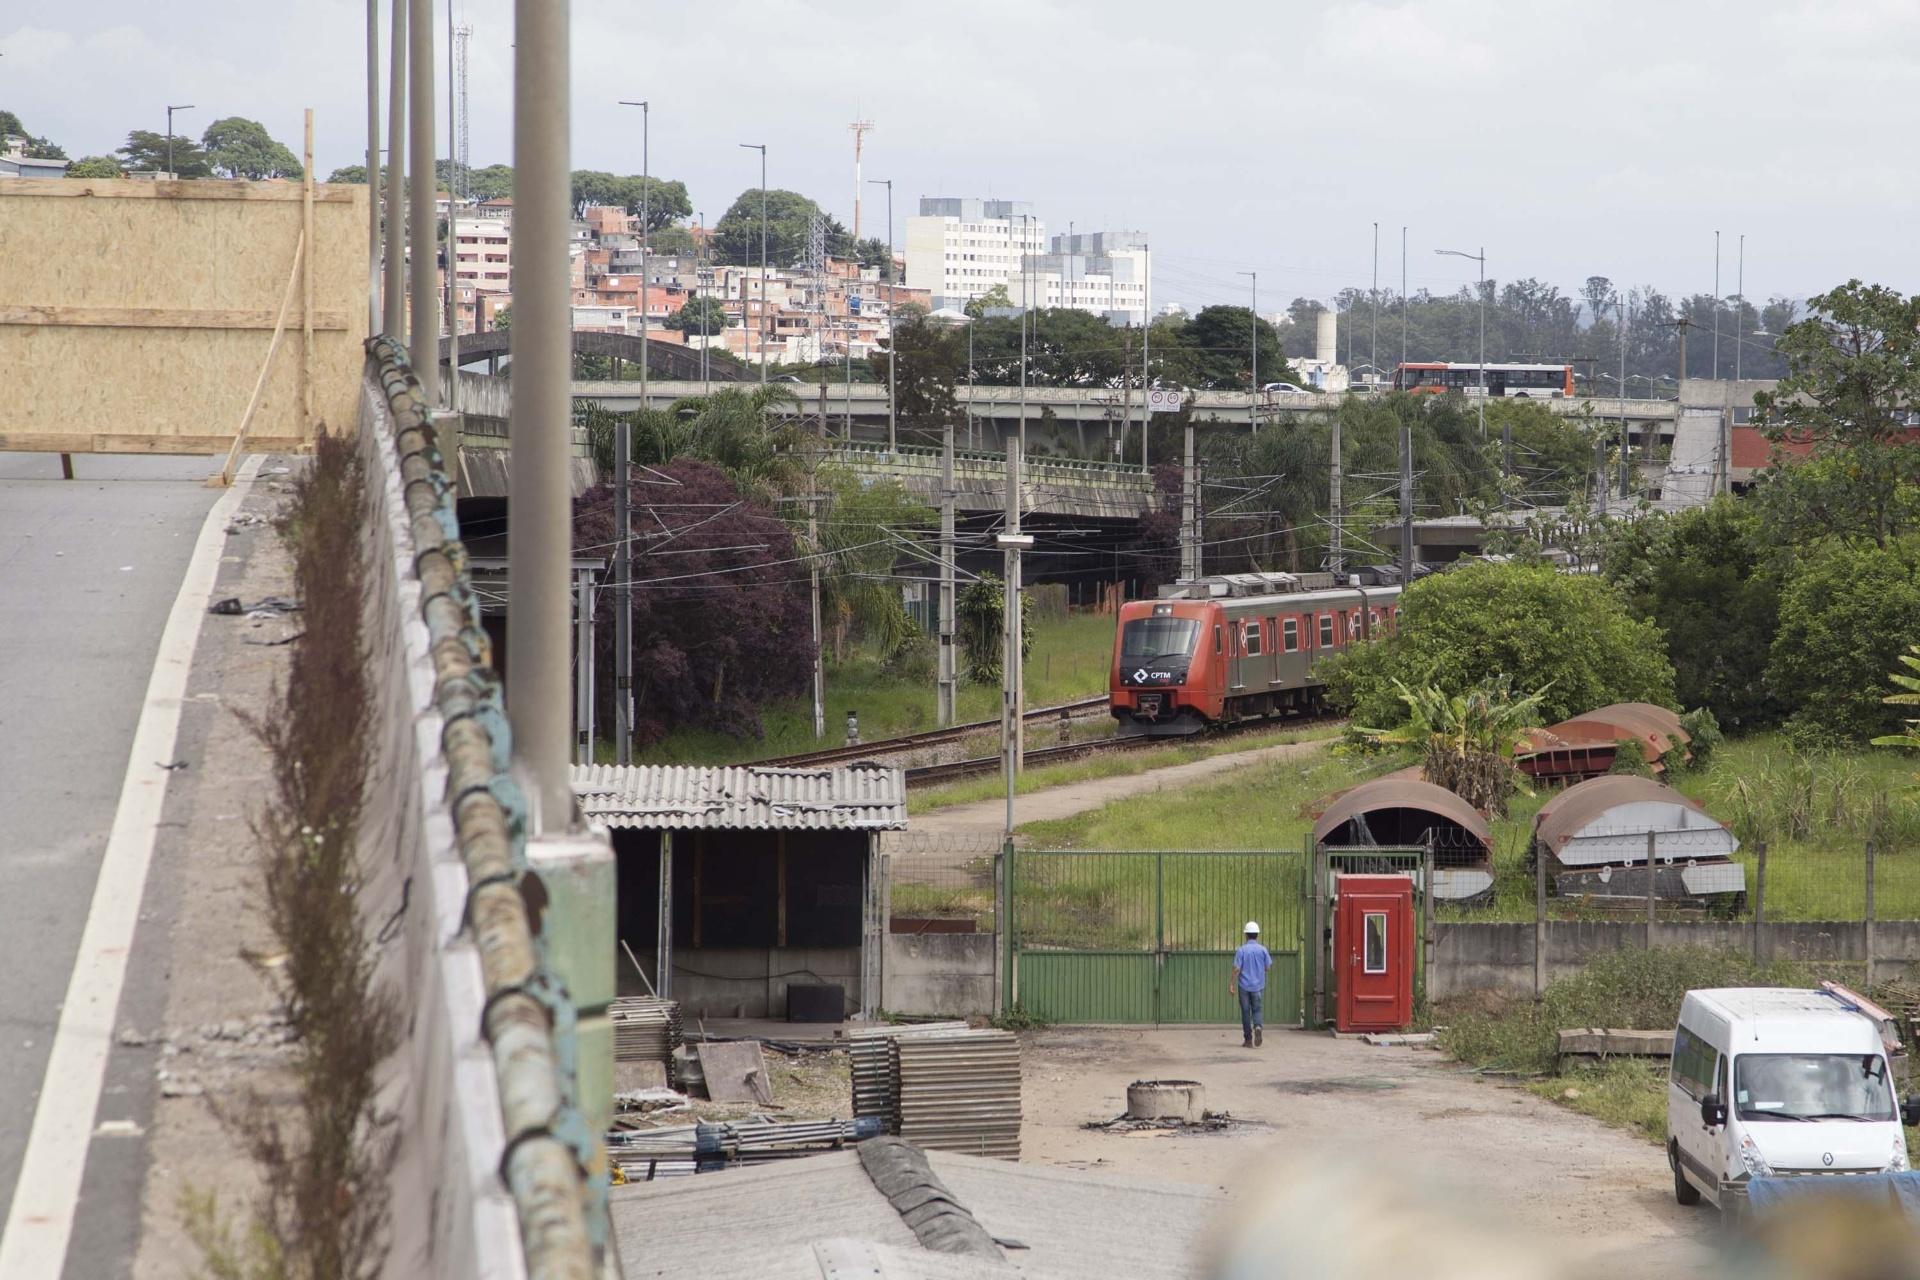 2a53e2978c39a Prefeitura de SP diz que viaduto estabilizou  e CPTM volta a funcionar -  Notícias - BOL